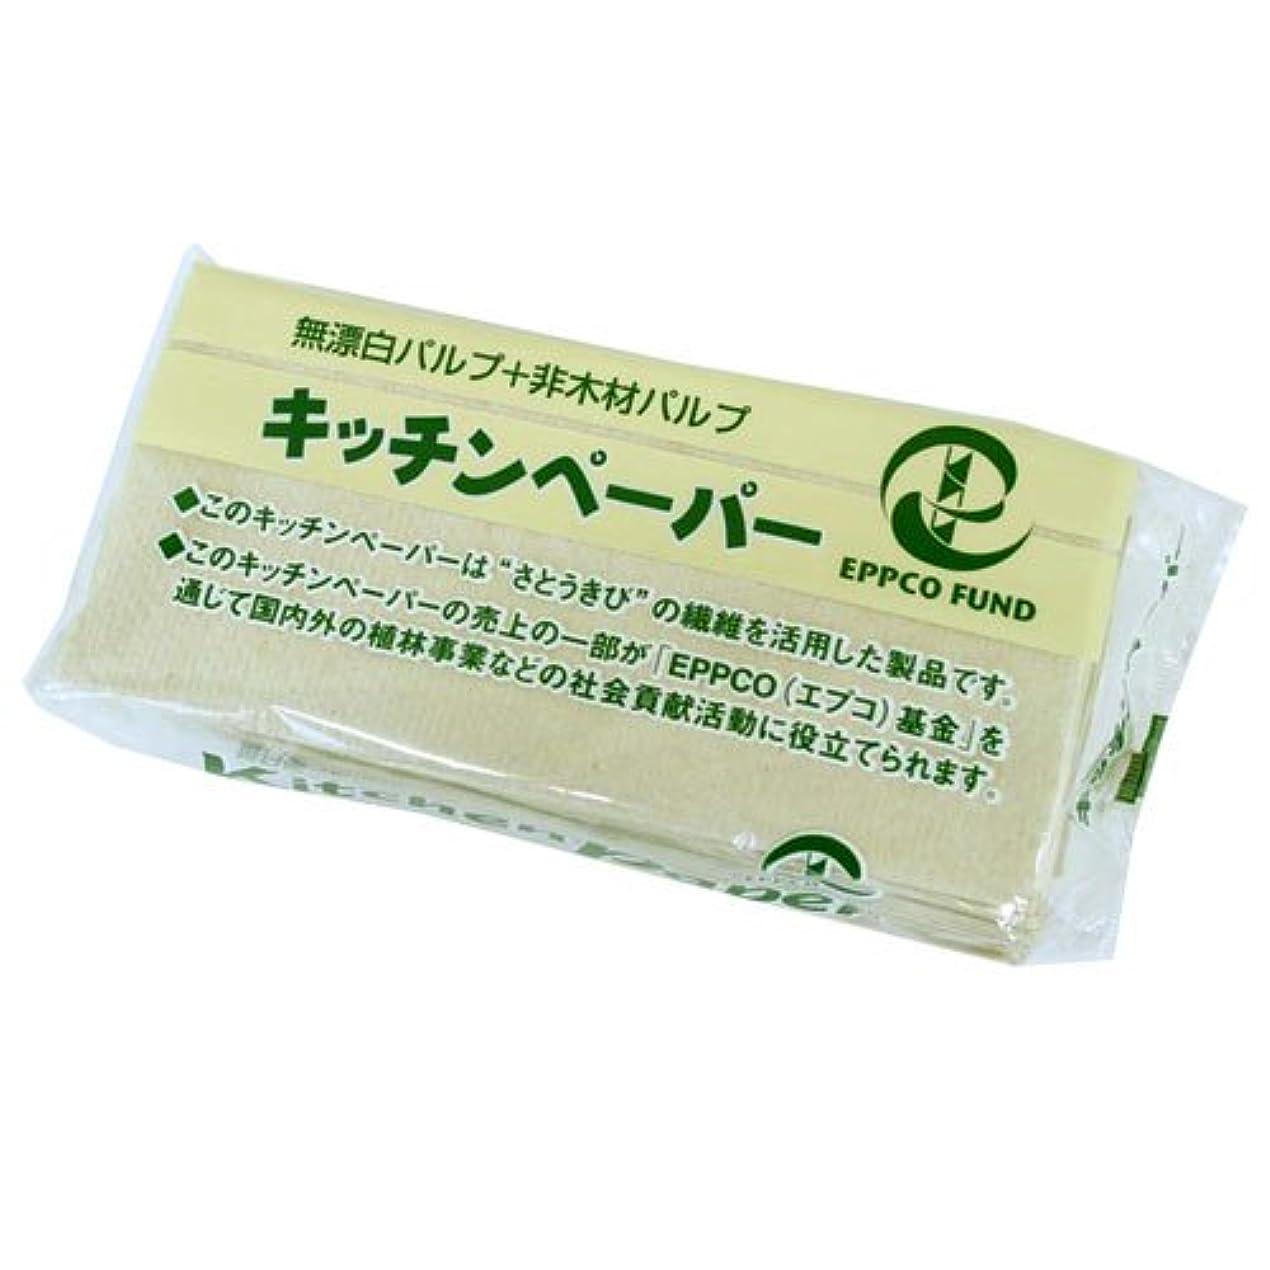 森従順蜜服部製紙エプコ キッチンペーパー150枚(75組) 100入り